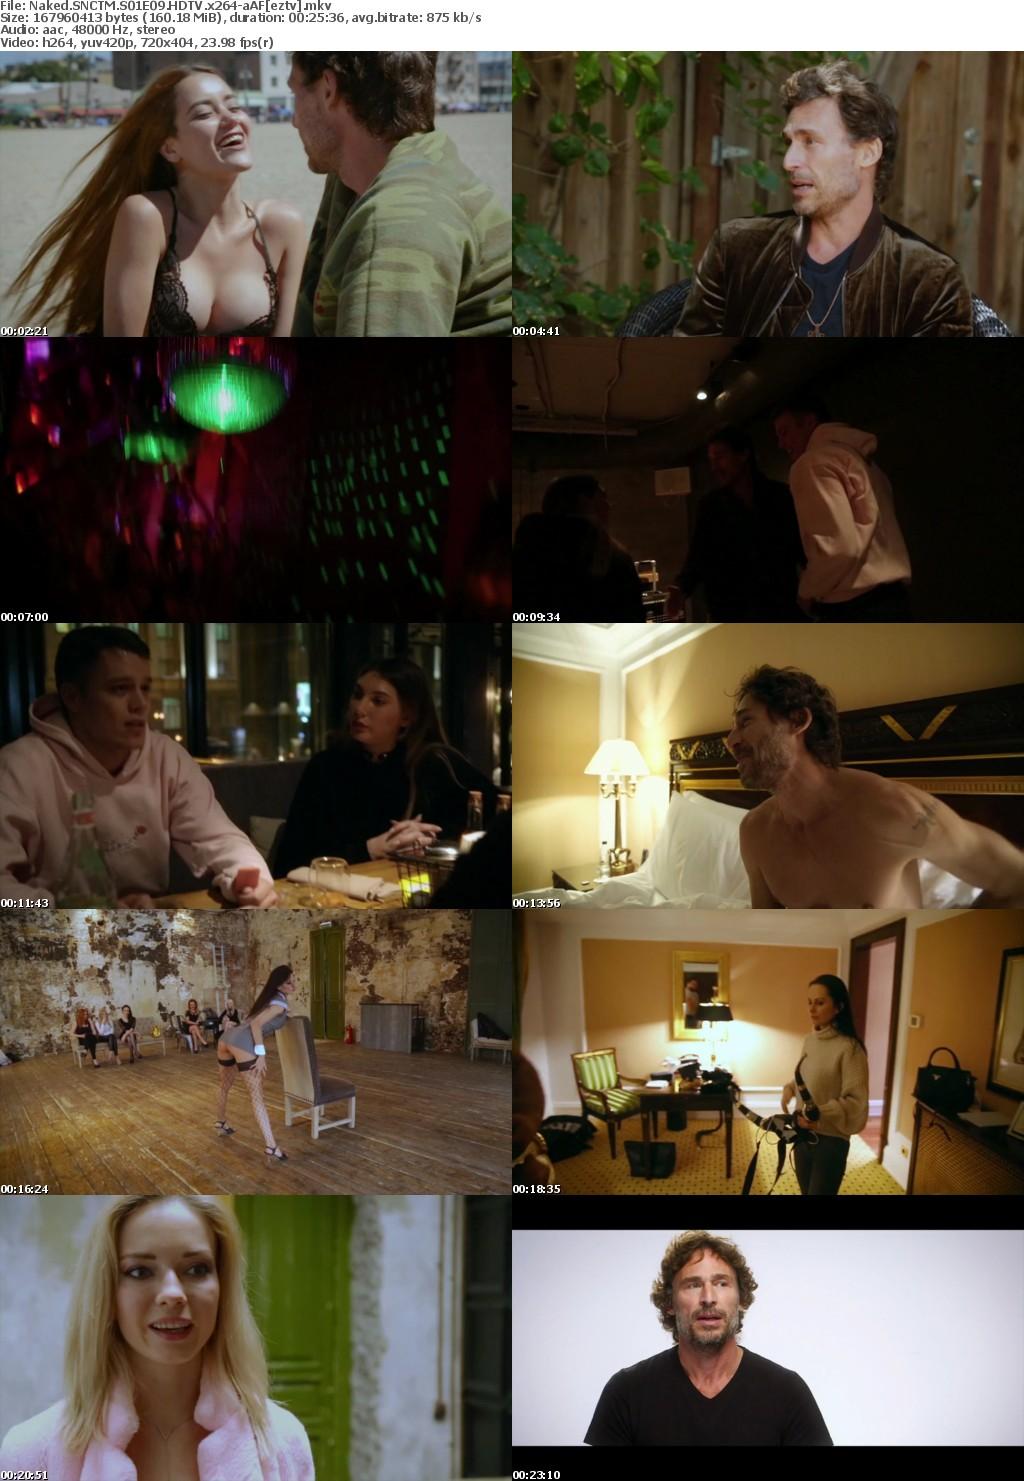 Naked SNCTM S01E09 HDTV x264-aAF